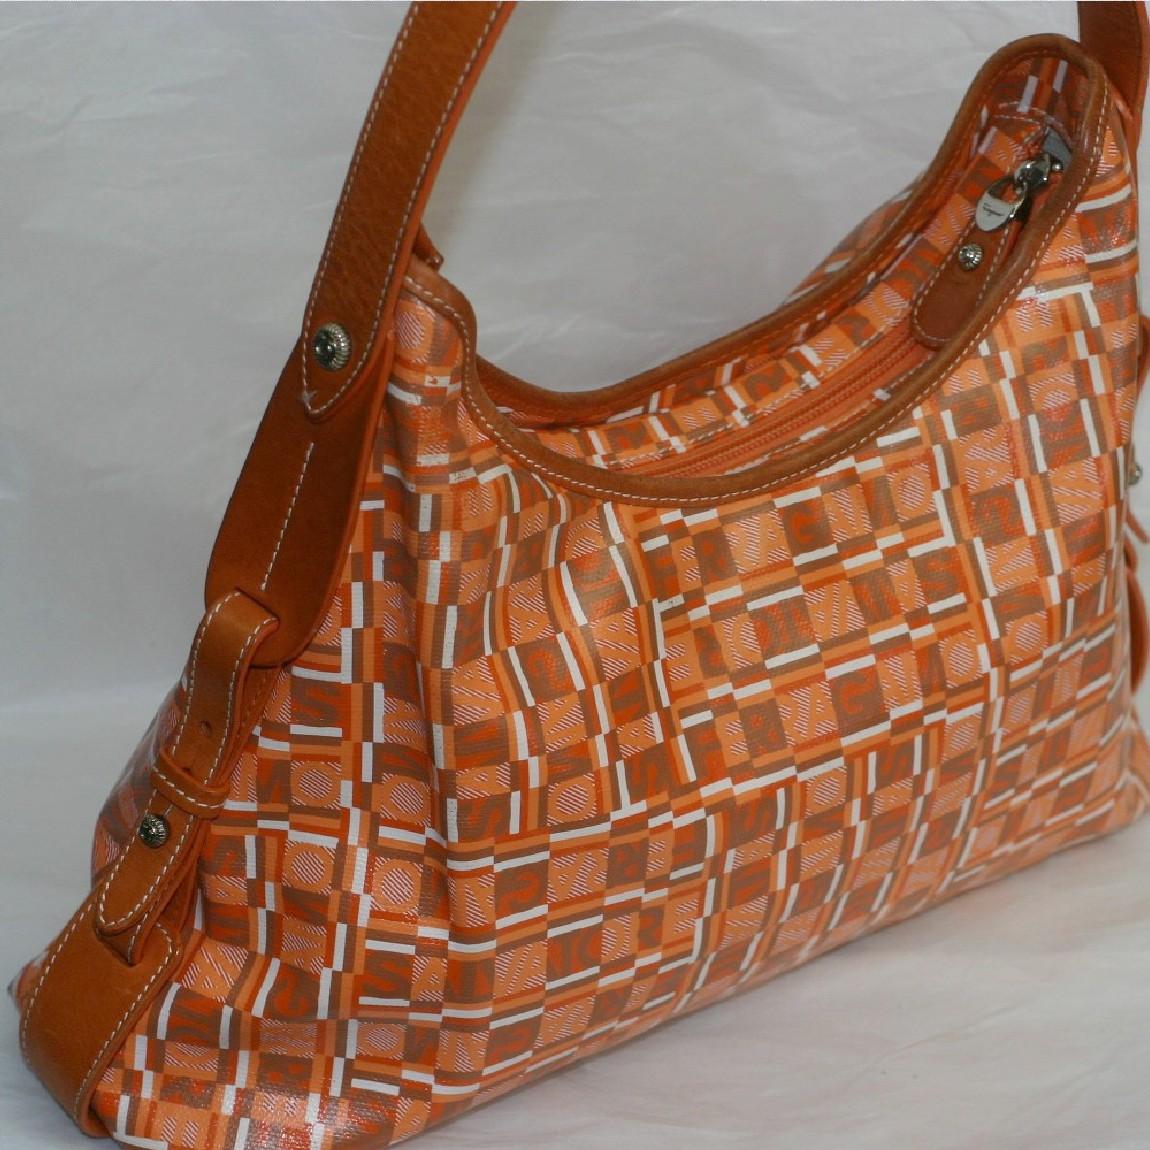 【中古】本物フェラガモ女性用オレンジ色エンビ素材ロゴマークプリント茶色革セミショルダーバッグ